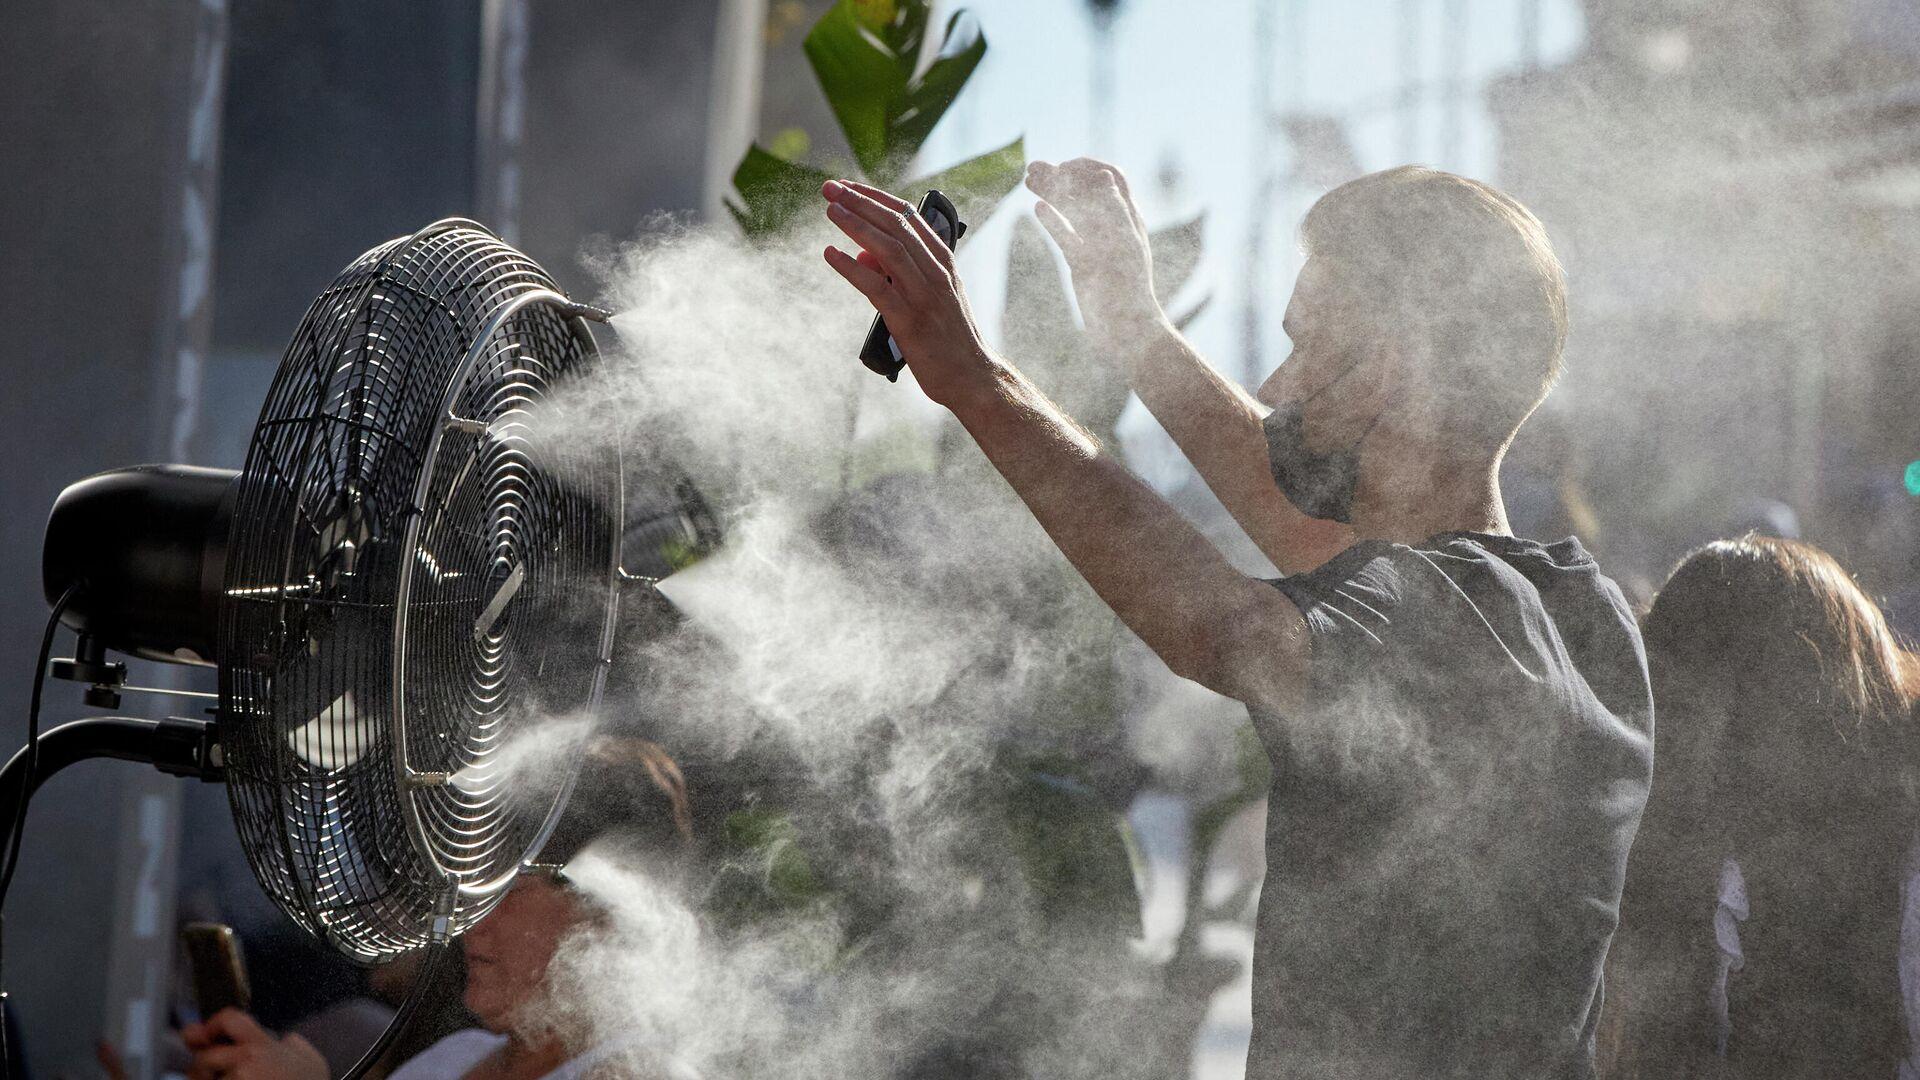 Un chico se refresca del calor con un difusor de vapor de agua de un restaurante de la calle Alcalá en Madrid - Sputnik Mundo, 1920, 10.08.2021